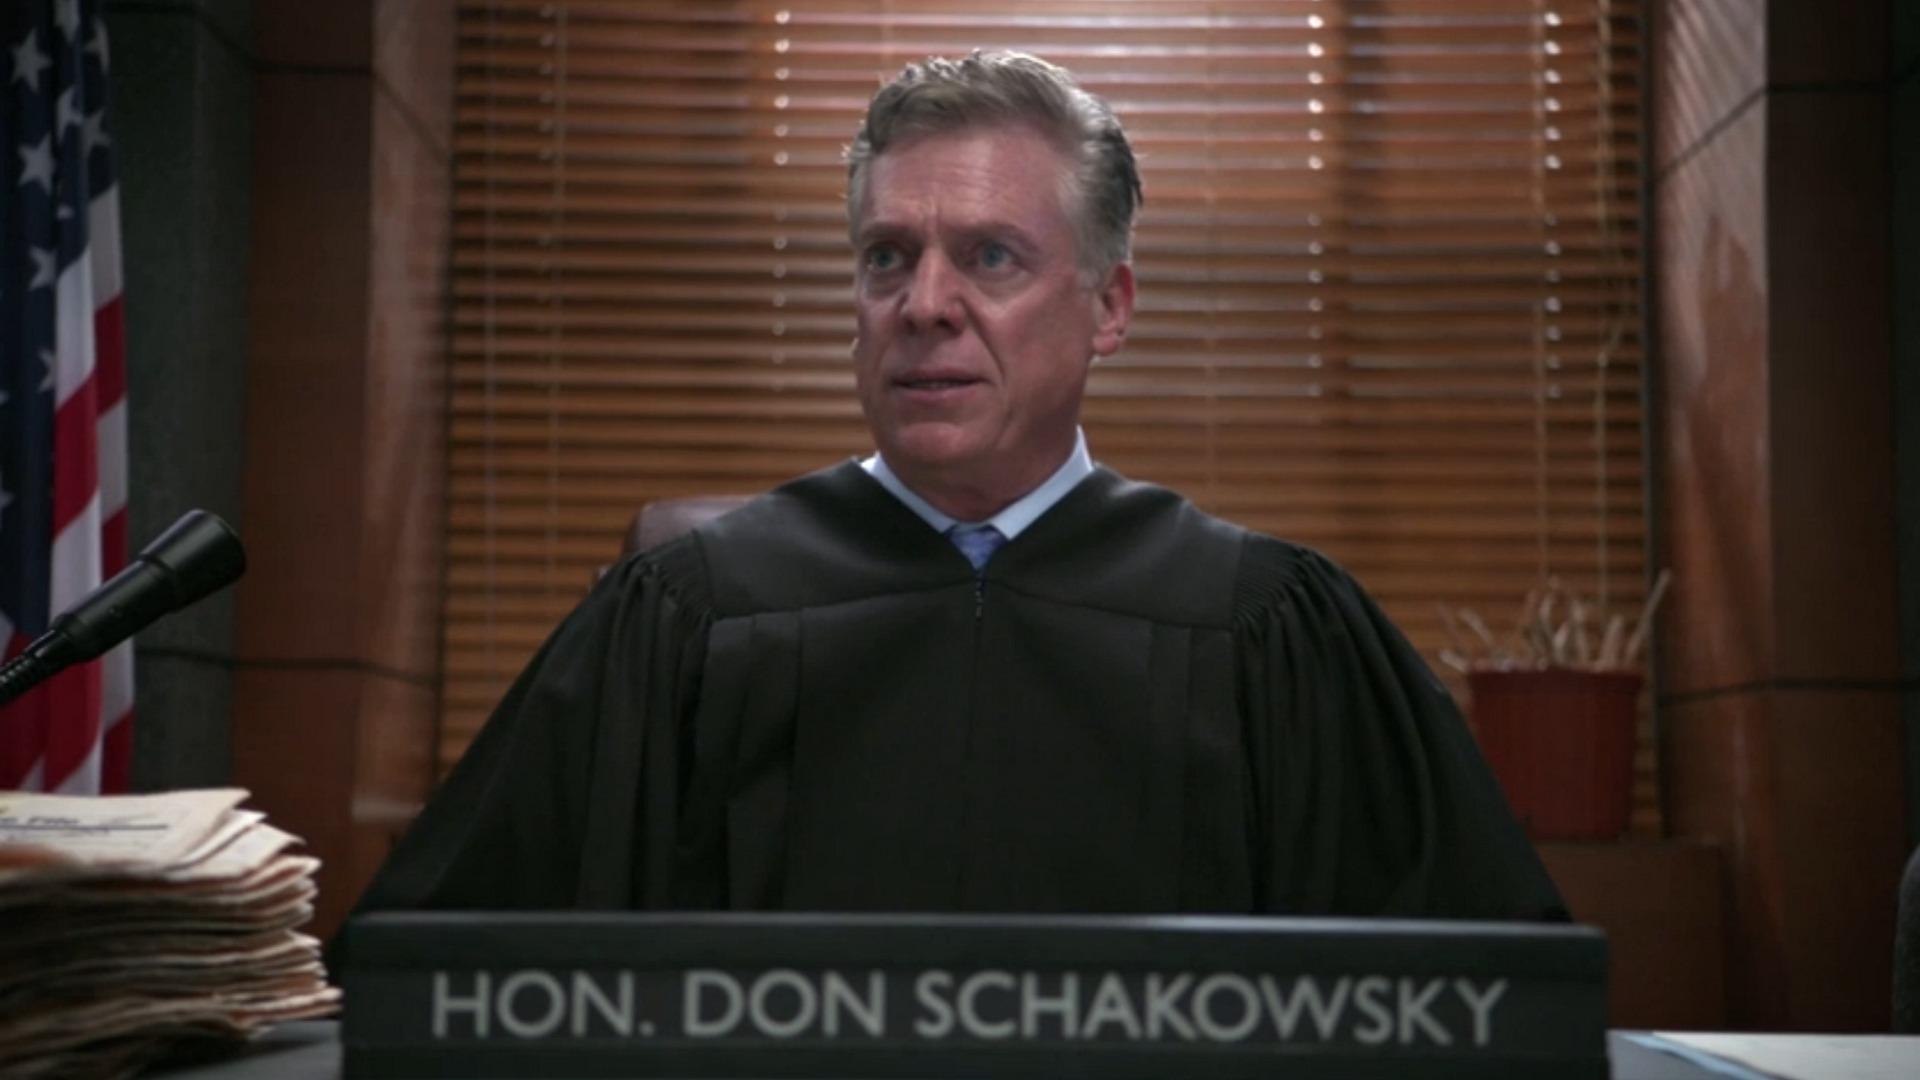 Judge Don Schakowsky (Christopher McDonald)